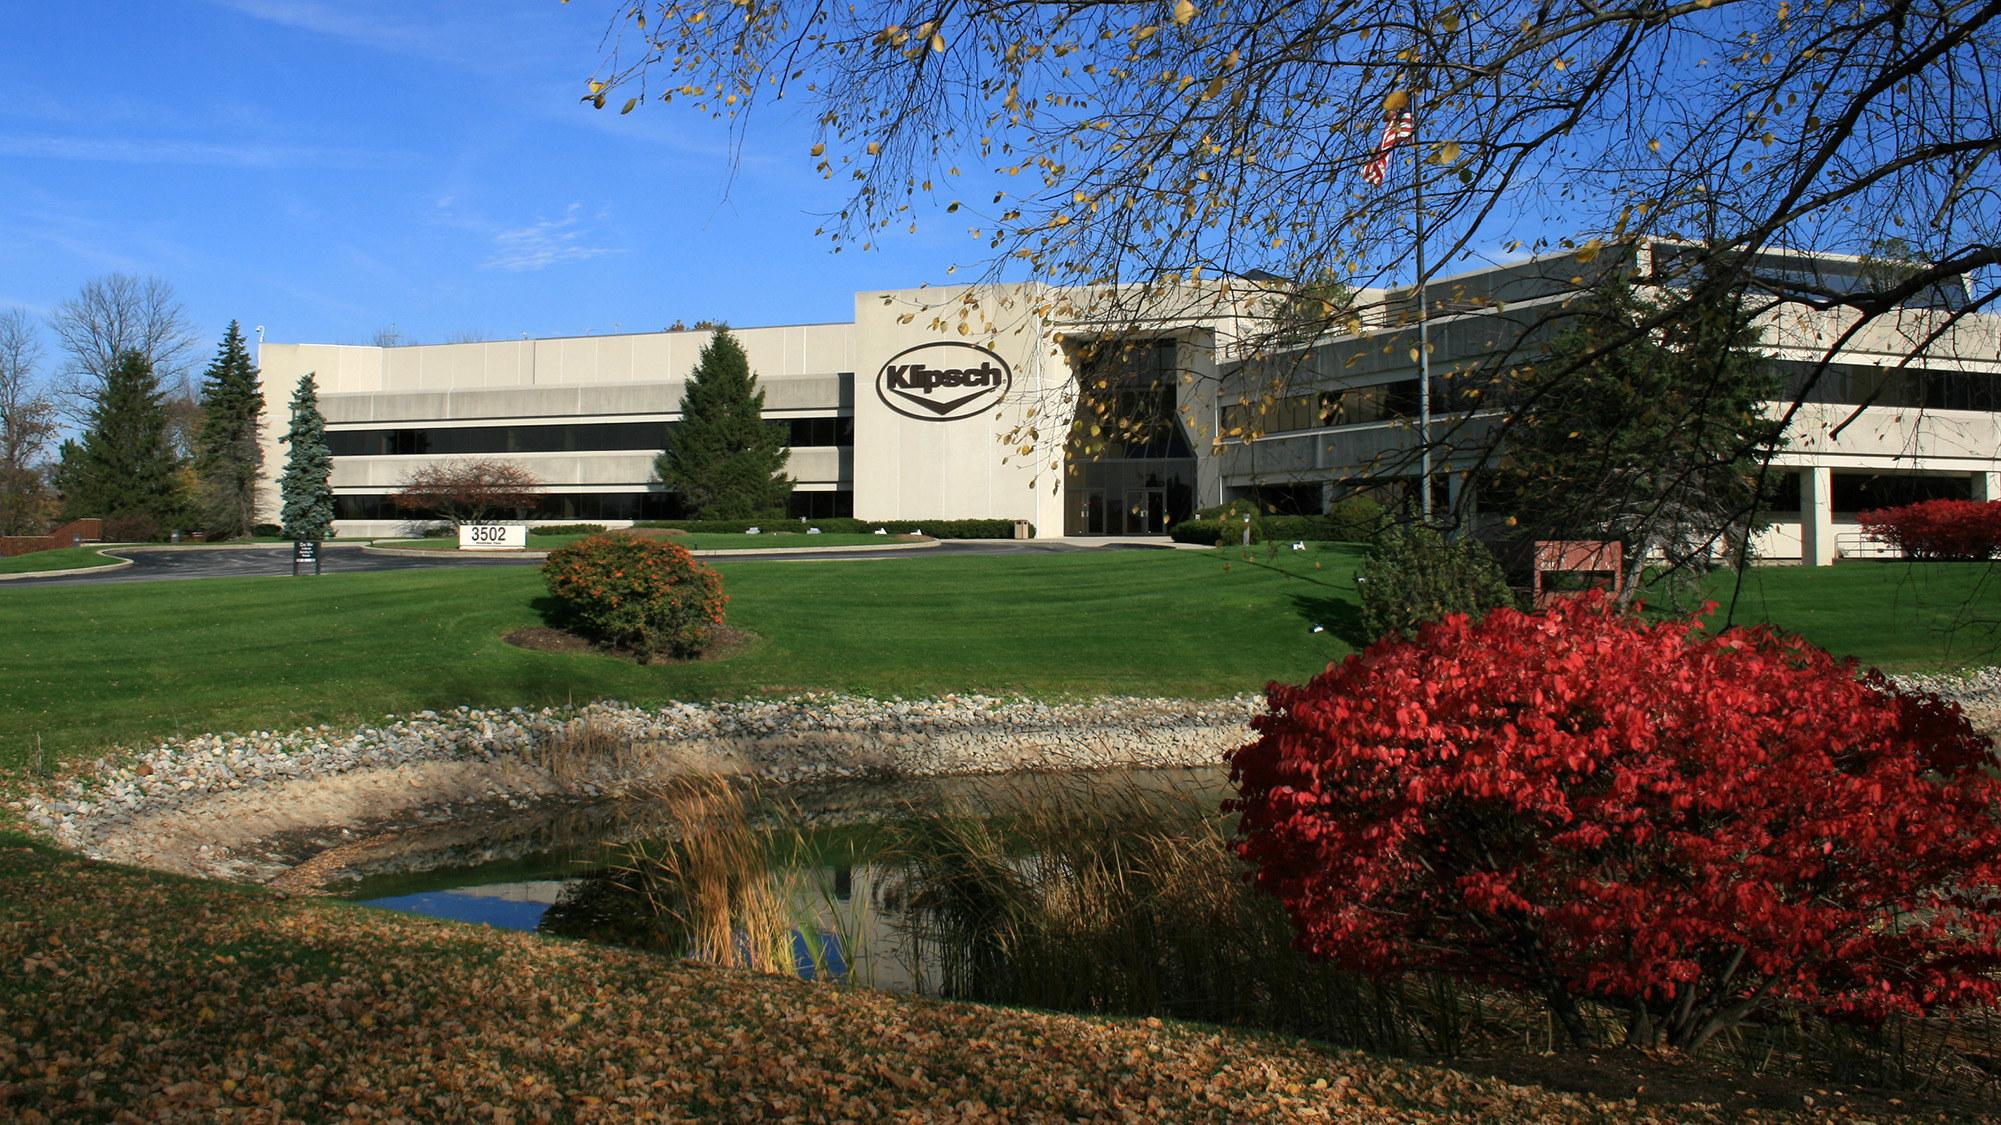 Klipsch  Hq  Building  Indianapolis 2000x1125